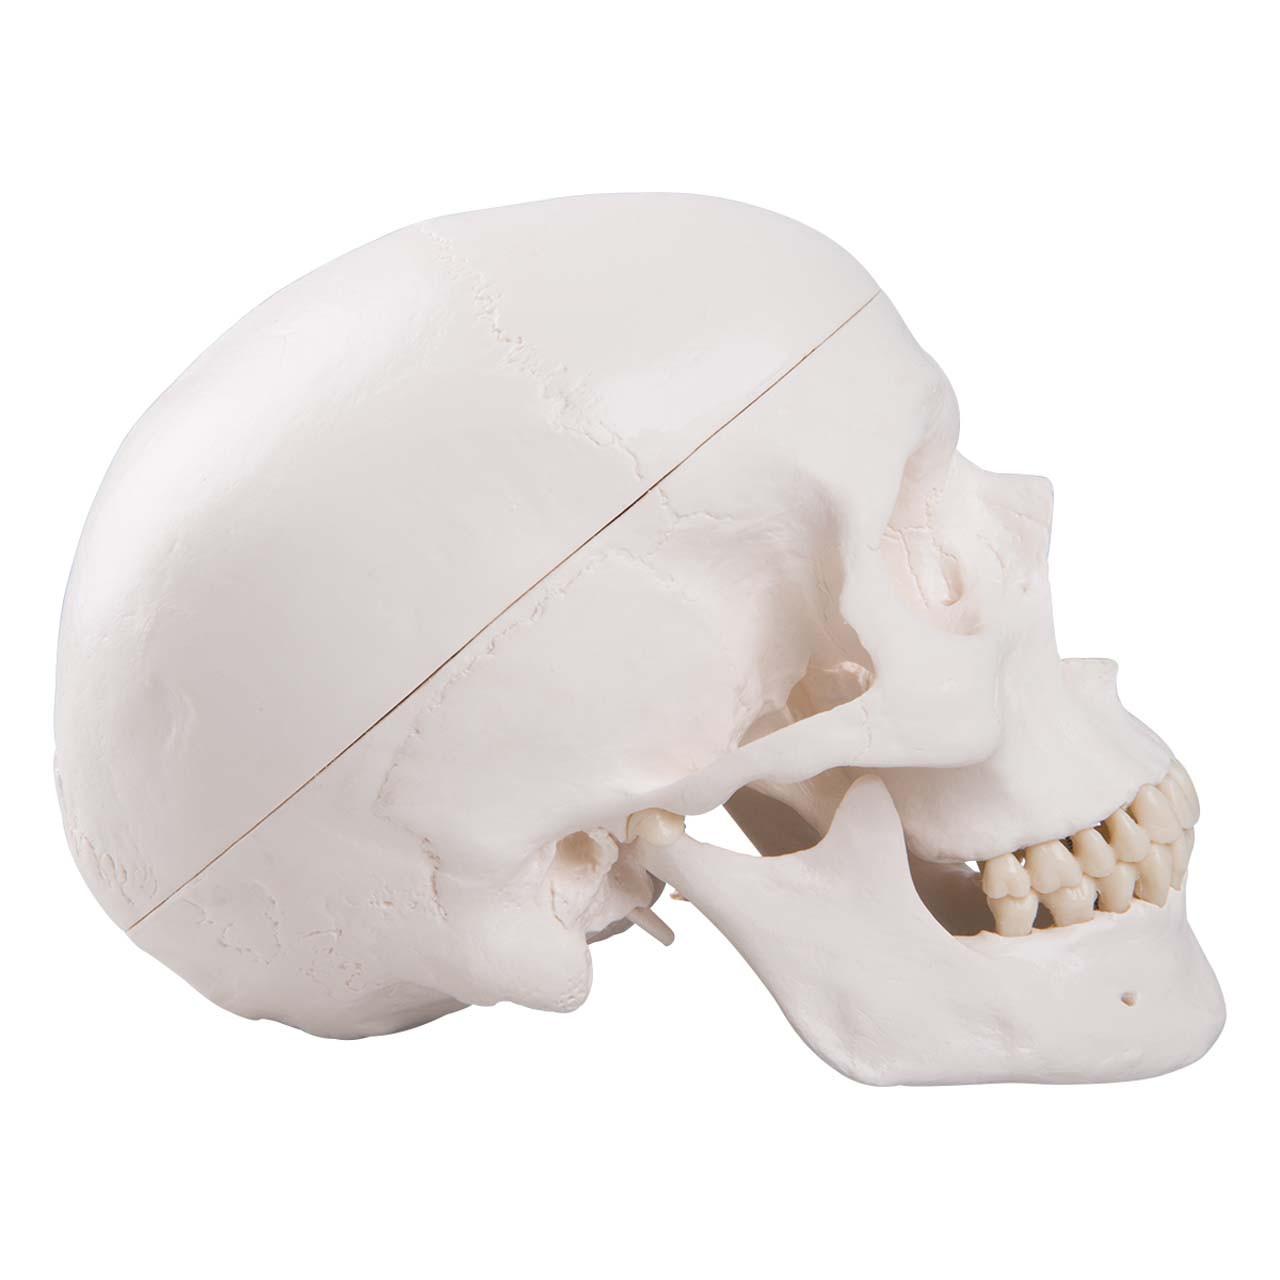 Classic Human Skull Model, 3 part